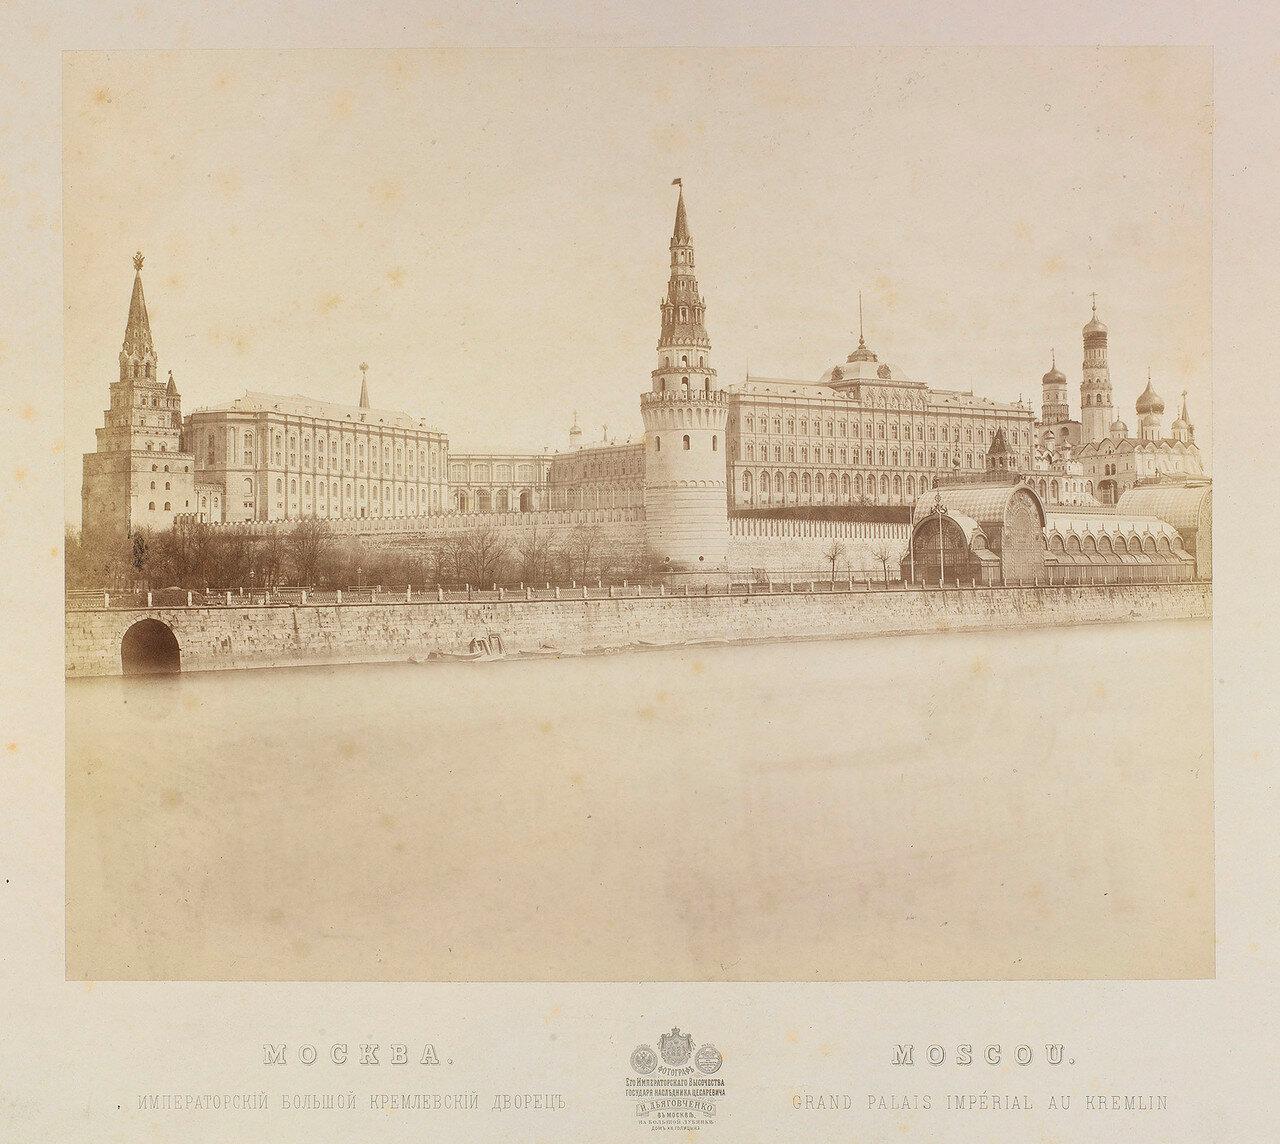 01. Большой Императорский Кремлевский дворец